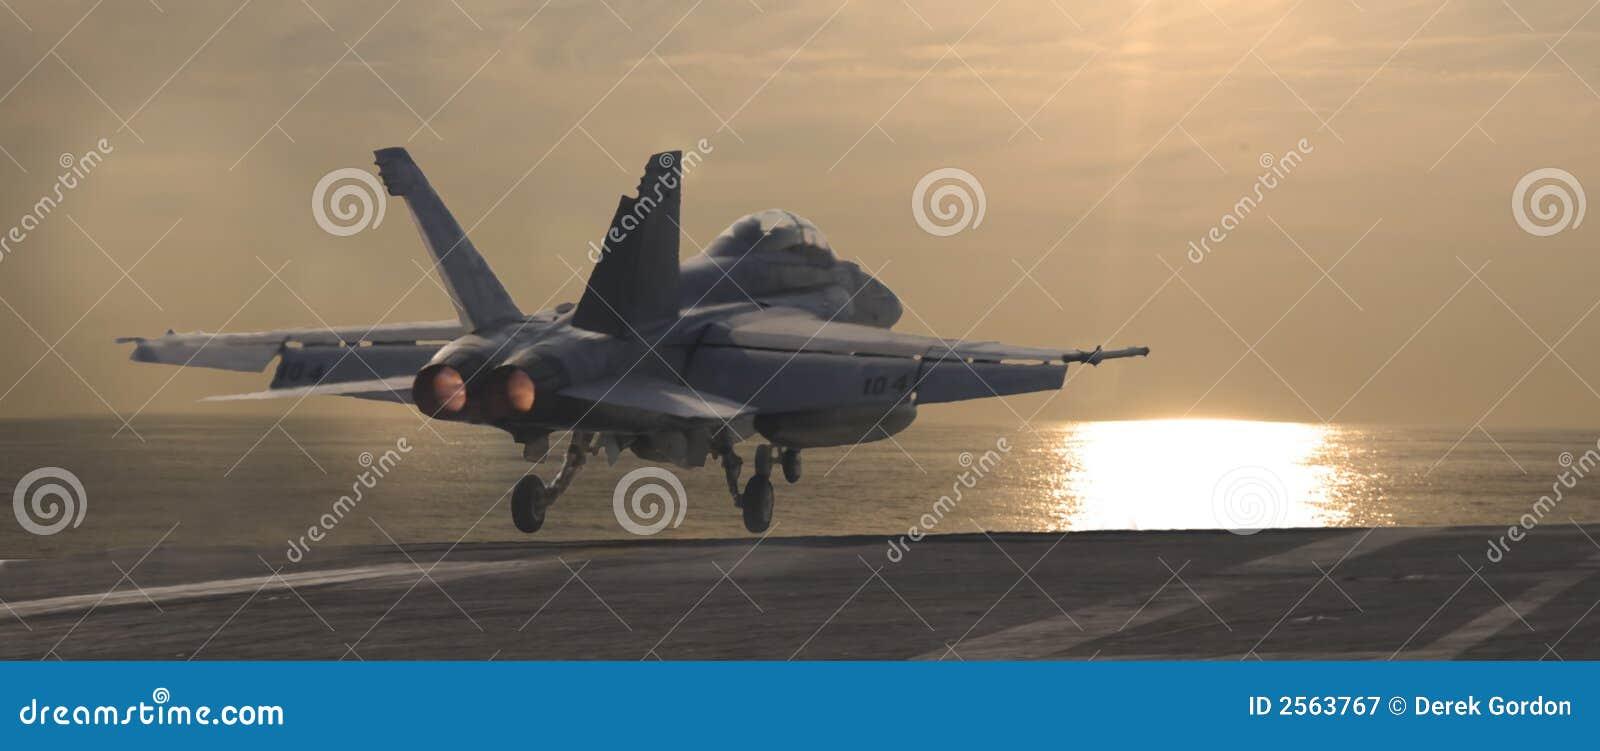 Sunset Hornet